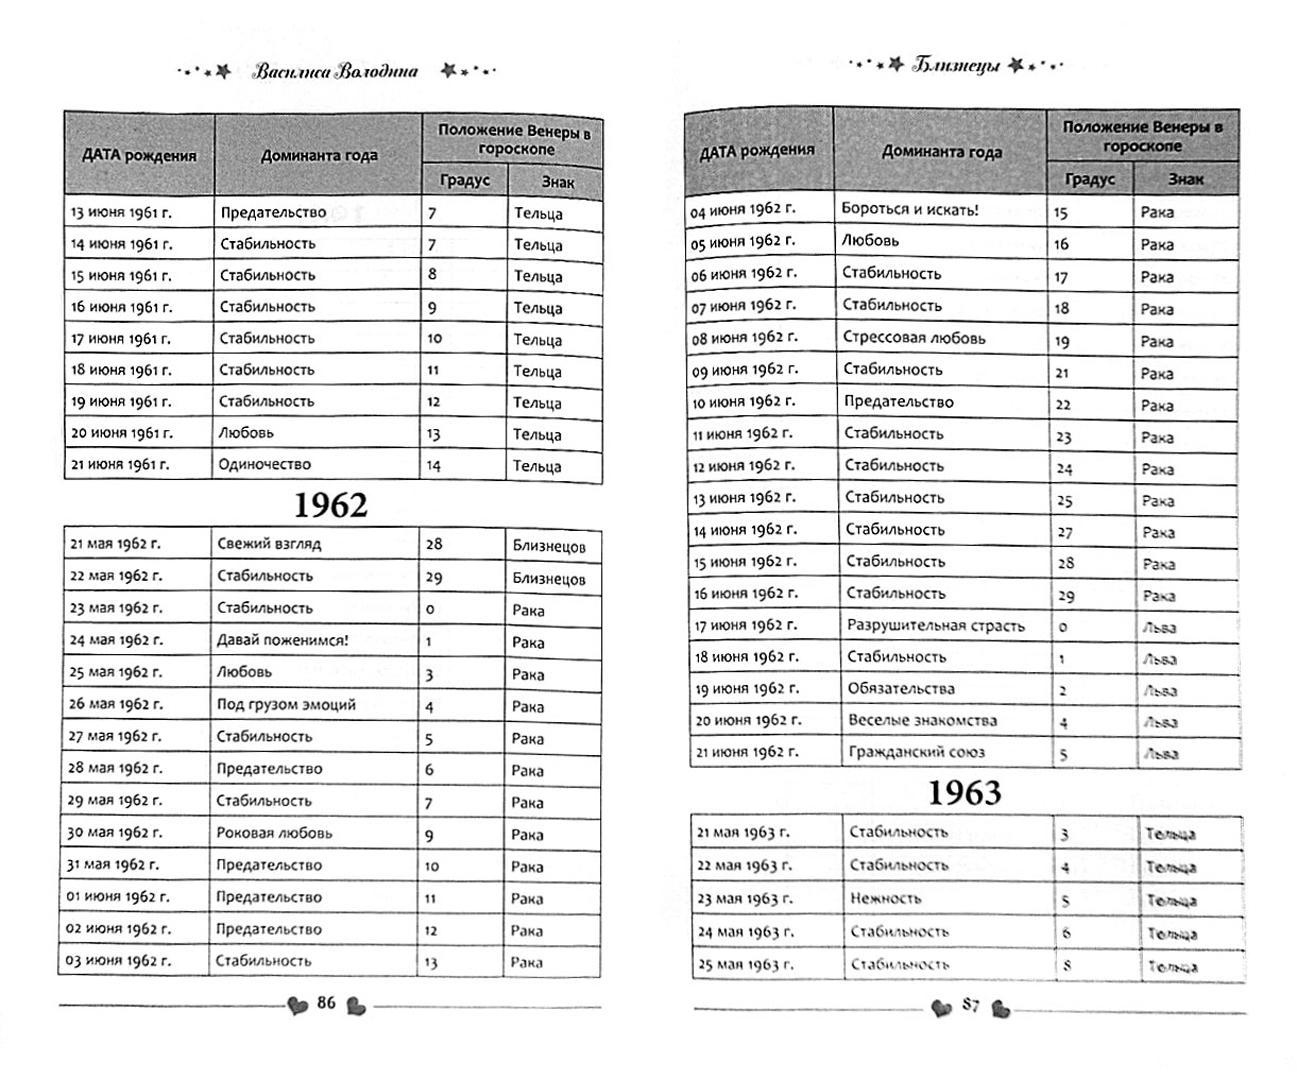 Иллюстрация 1 из 9 для Близнецы. Любовный прогноз на 2014 год. Ваш личный гороскоп любви по дате рождения - Василиса Володина | Лабиринт - книги. Источник: Лабиринт